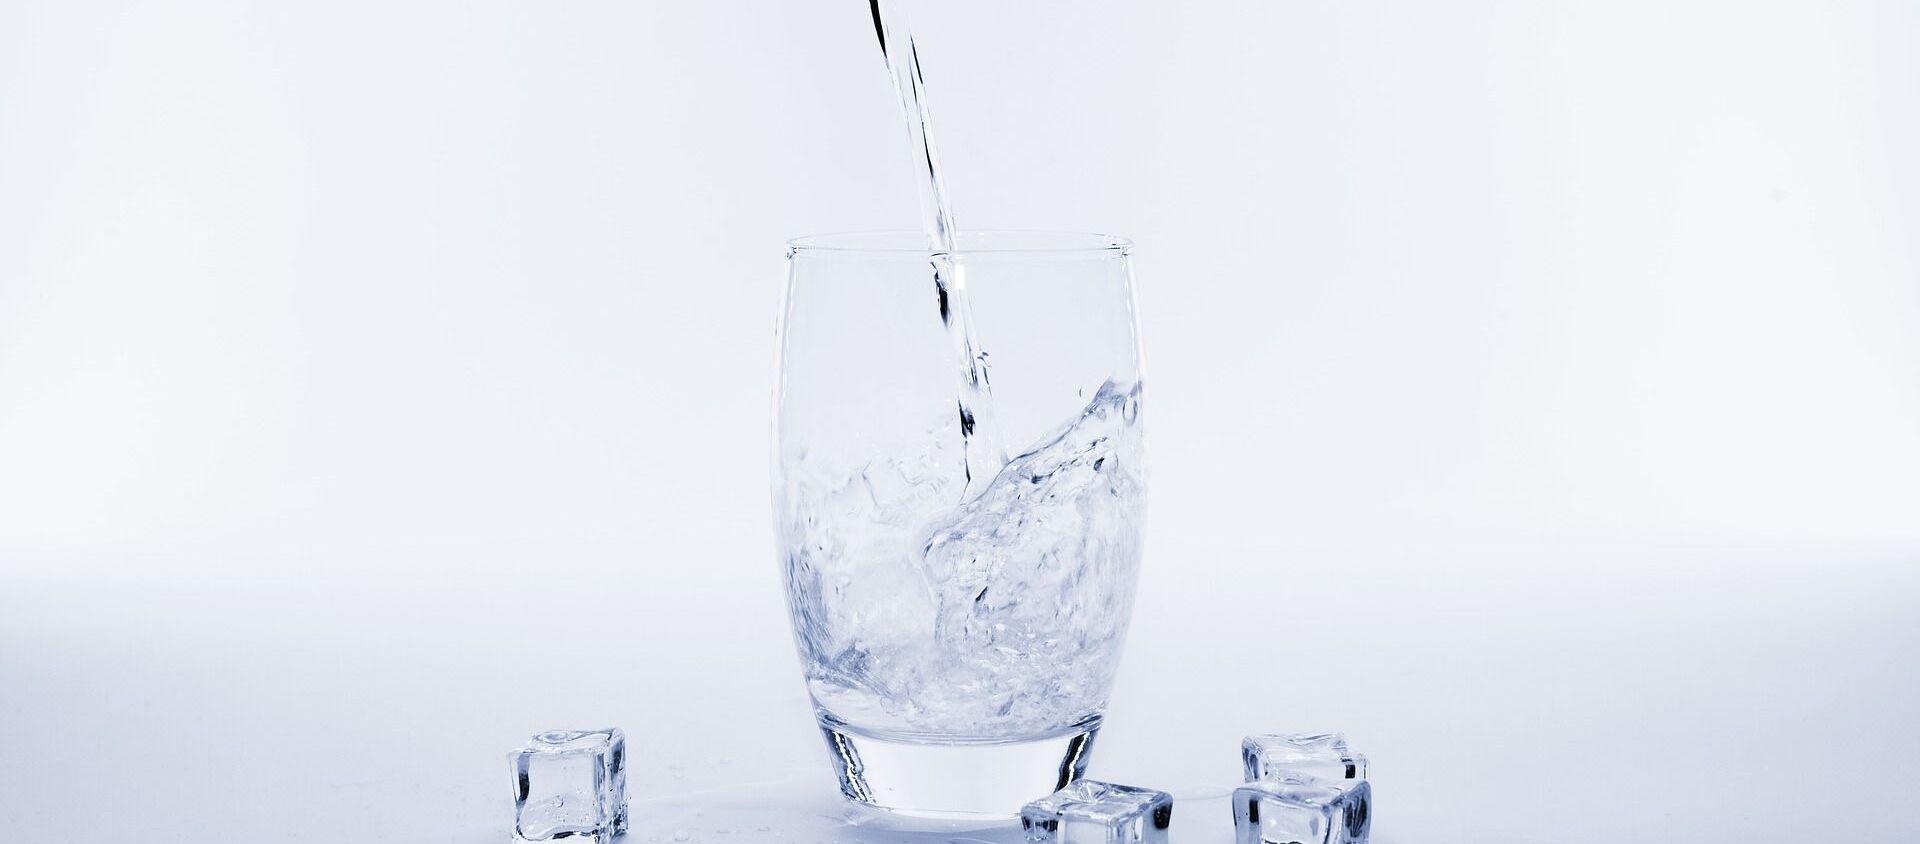 Un vaso de agua - Sputnik Mundo, 1920, 31.10.2020